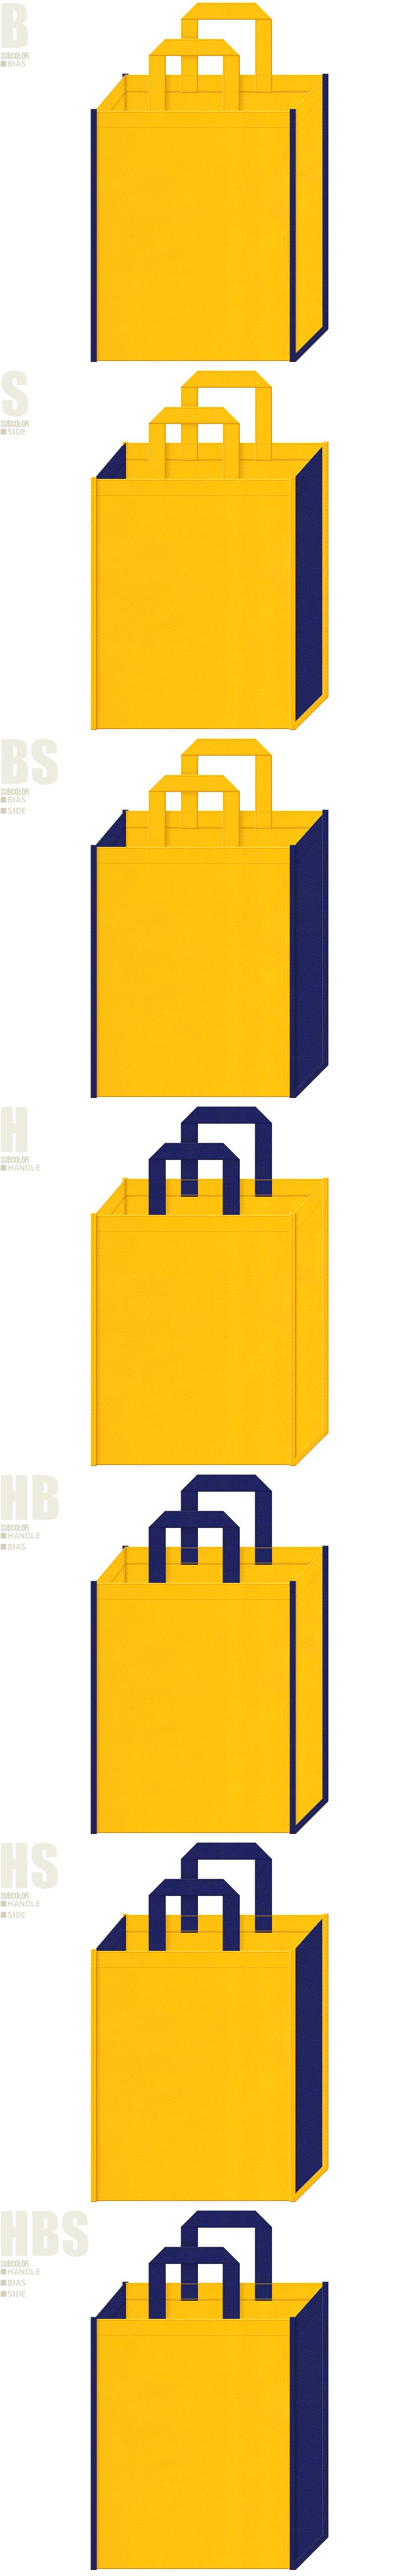 アウトドア・キャンプ用品の展示会用バッグにお奨めの、黄色と明るめの紺色、7パターンの不織布トートバッグ配色デザイン例。緑色の印刷でブラジル風配色にも。